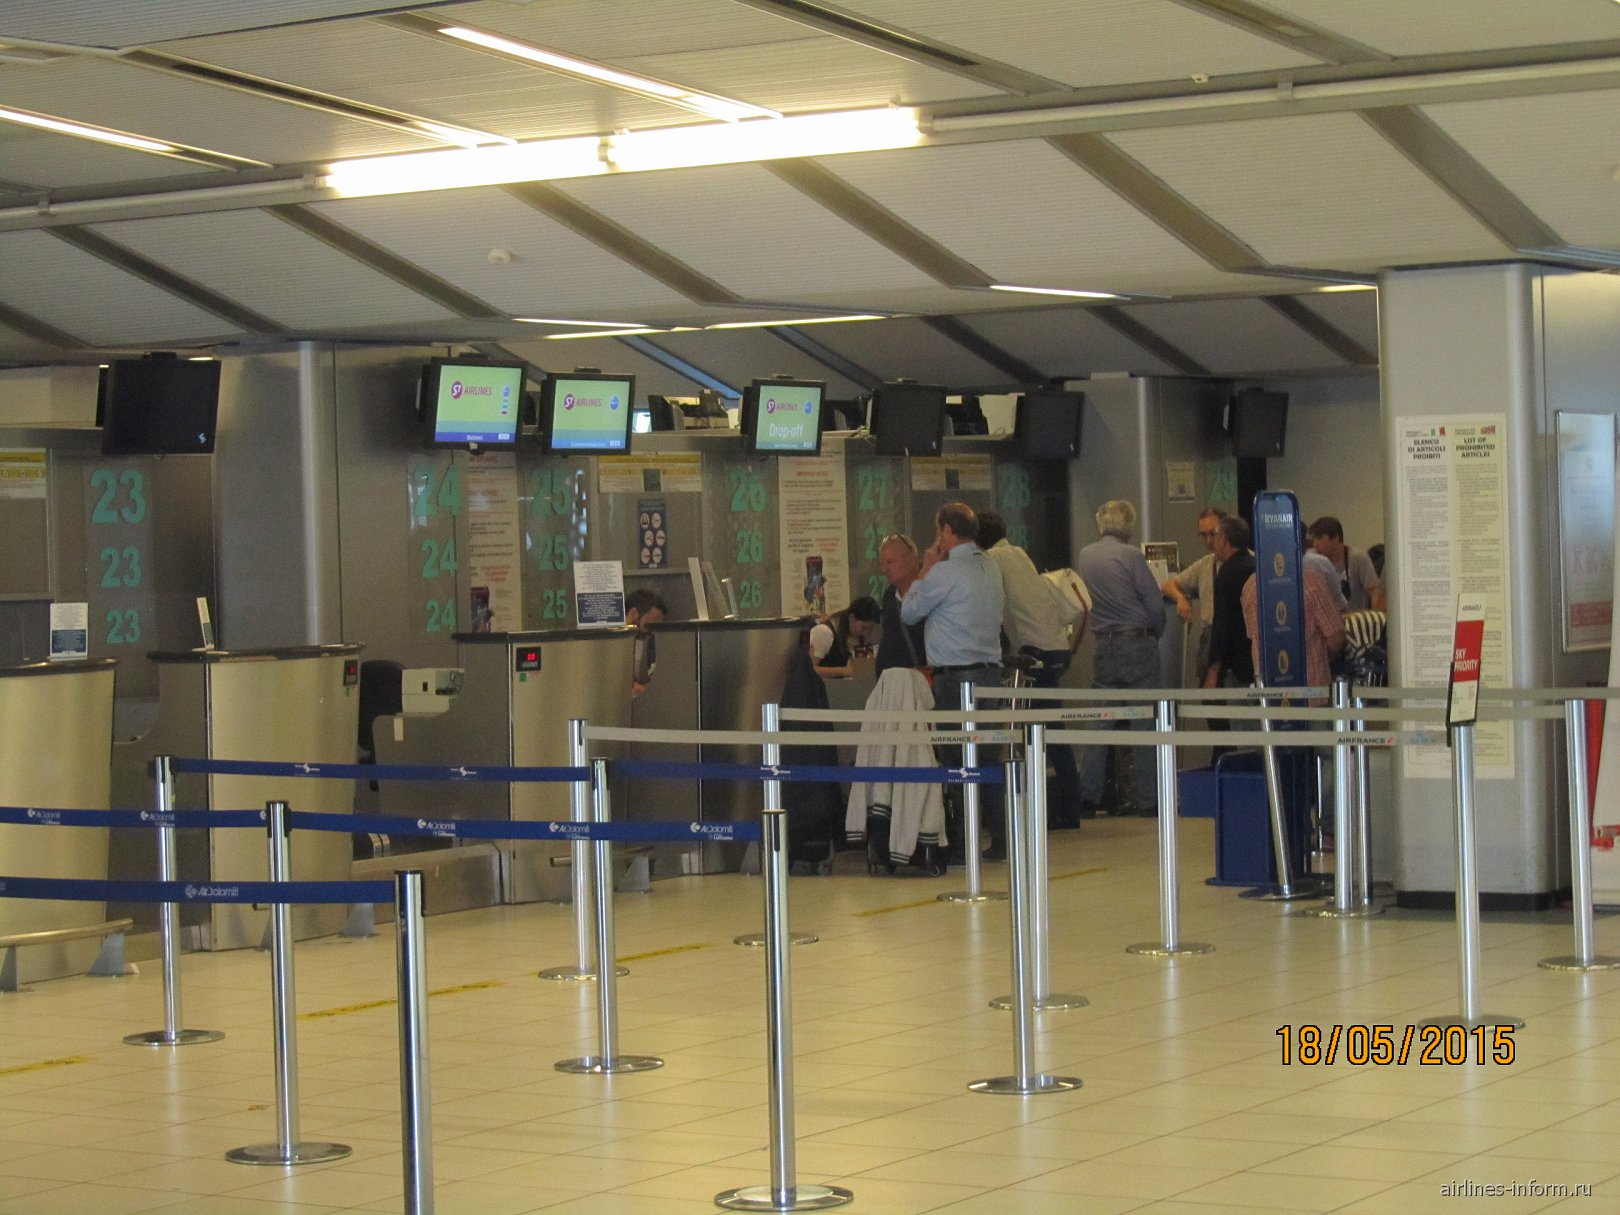 Стойки регистрации в аэропорту Вероны